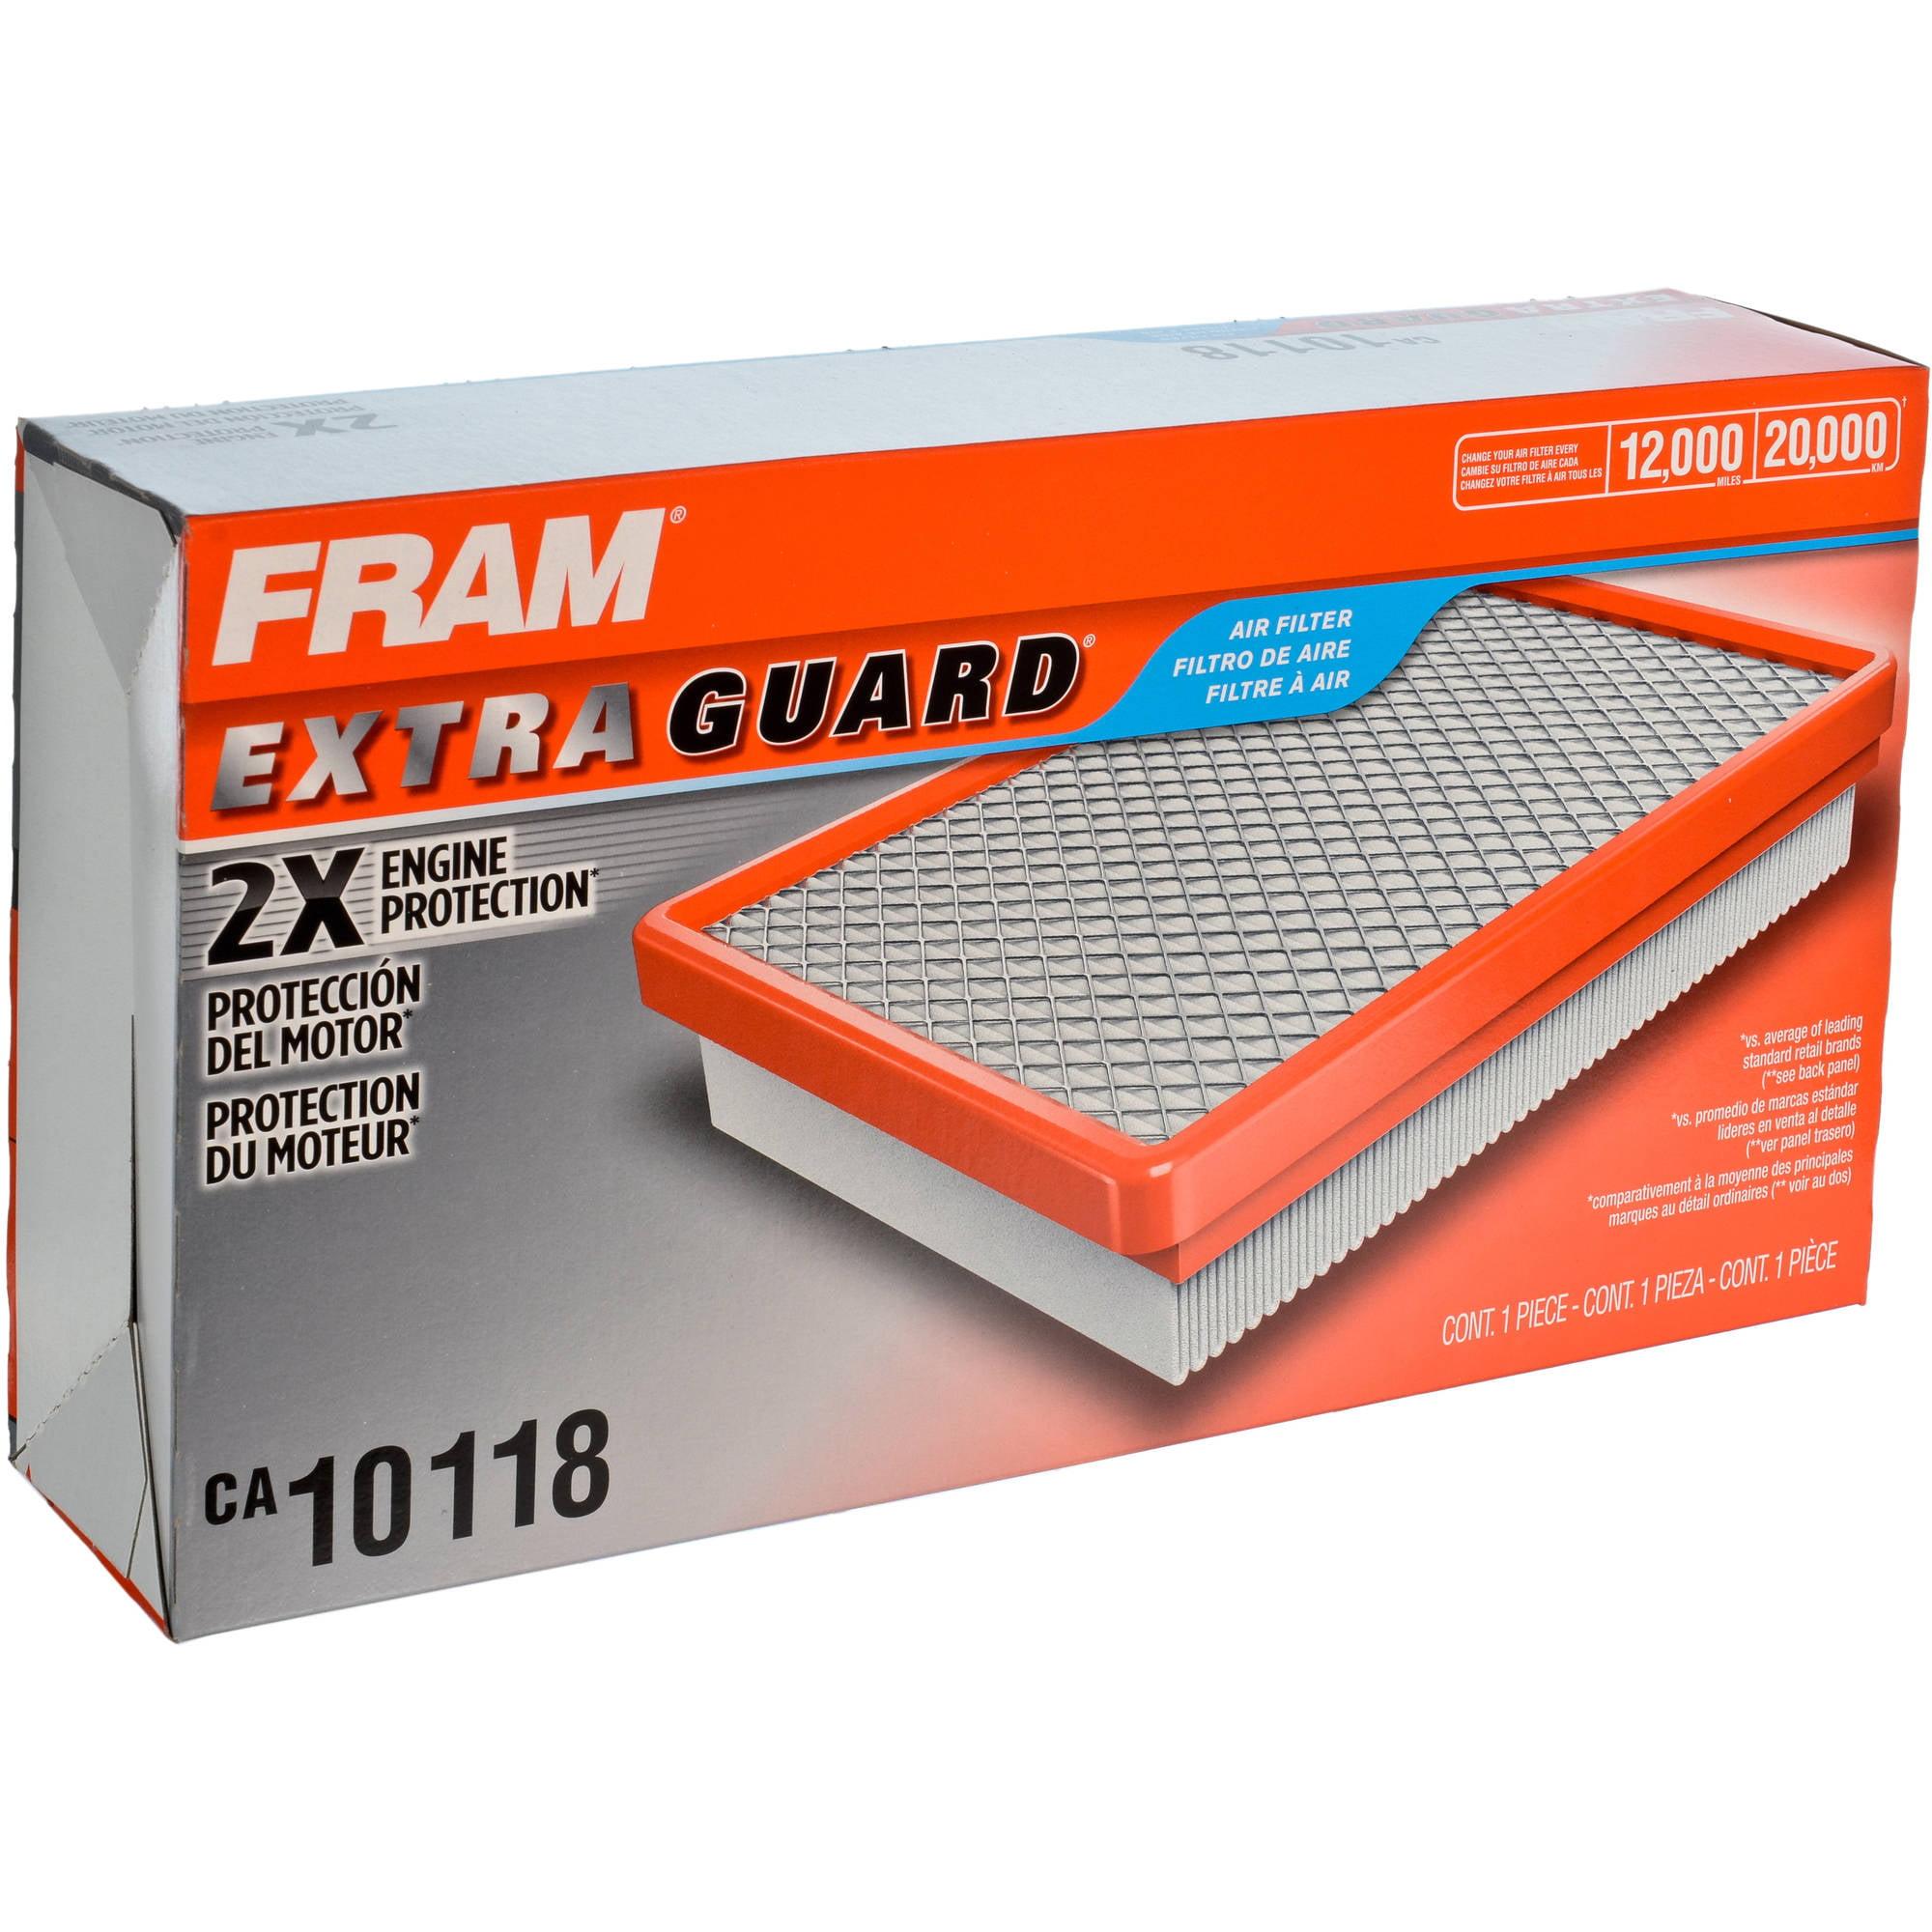 FRAM Extra Guard Air Filter, CA10118 by FRAM